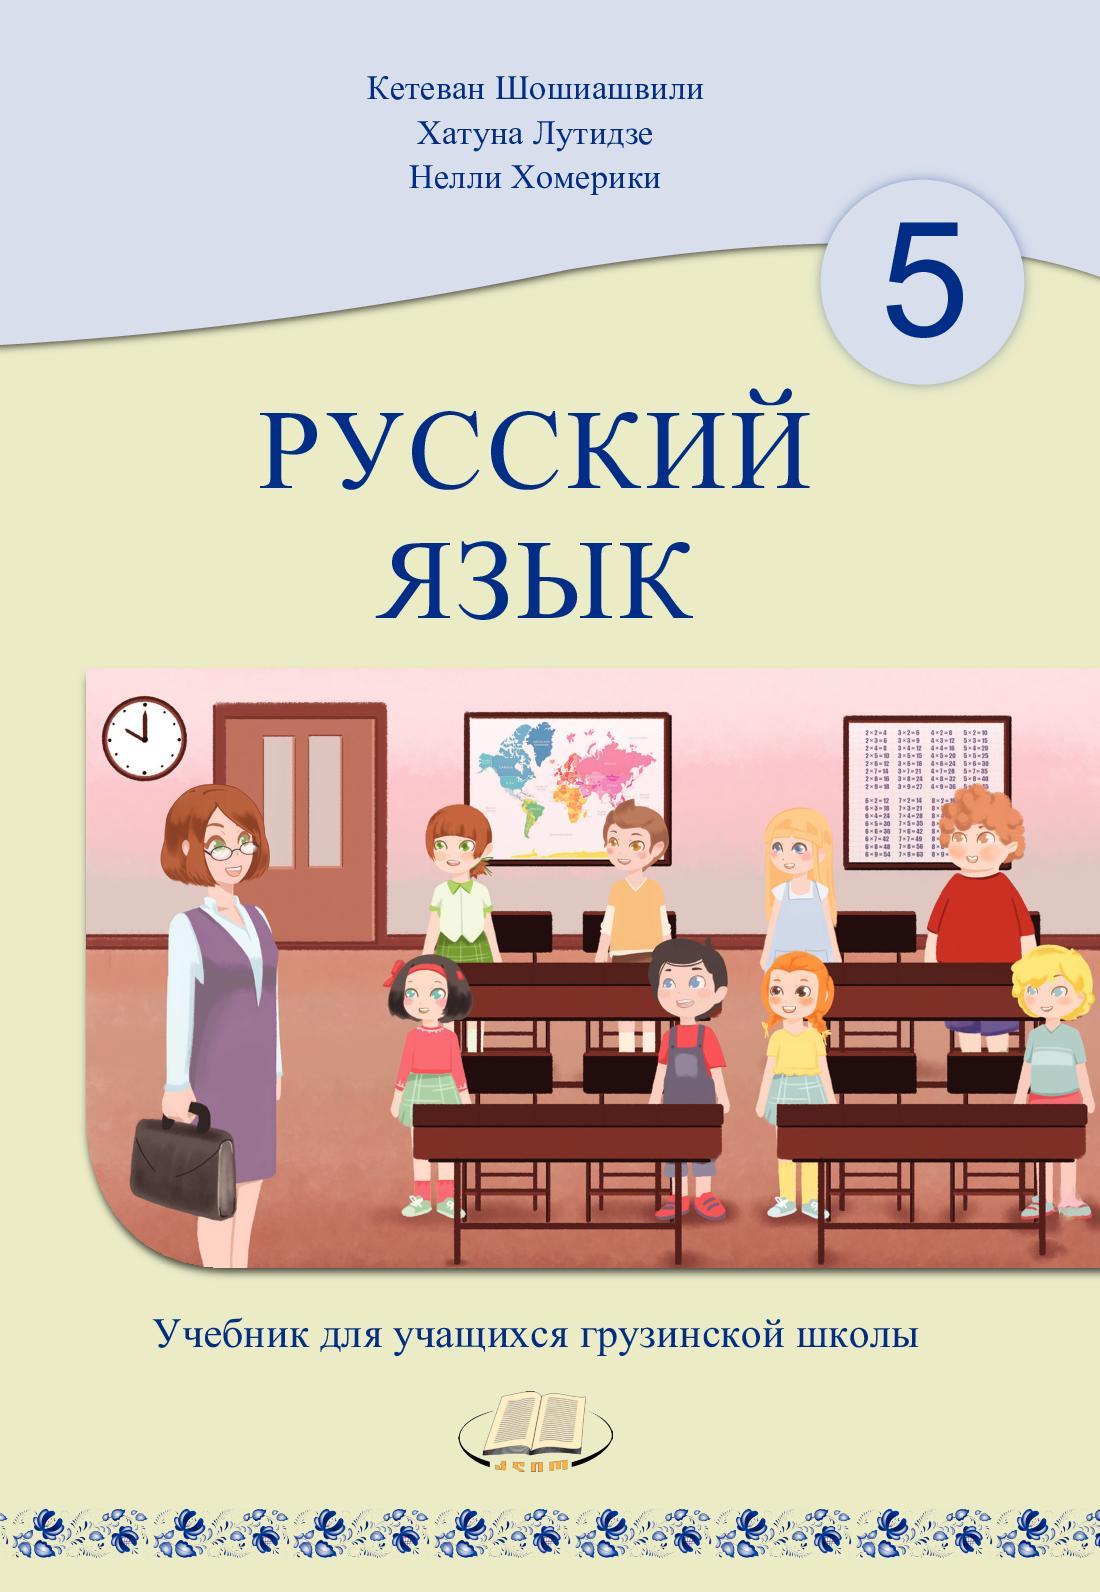 5 რუსული მოსწავლე_1